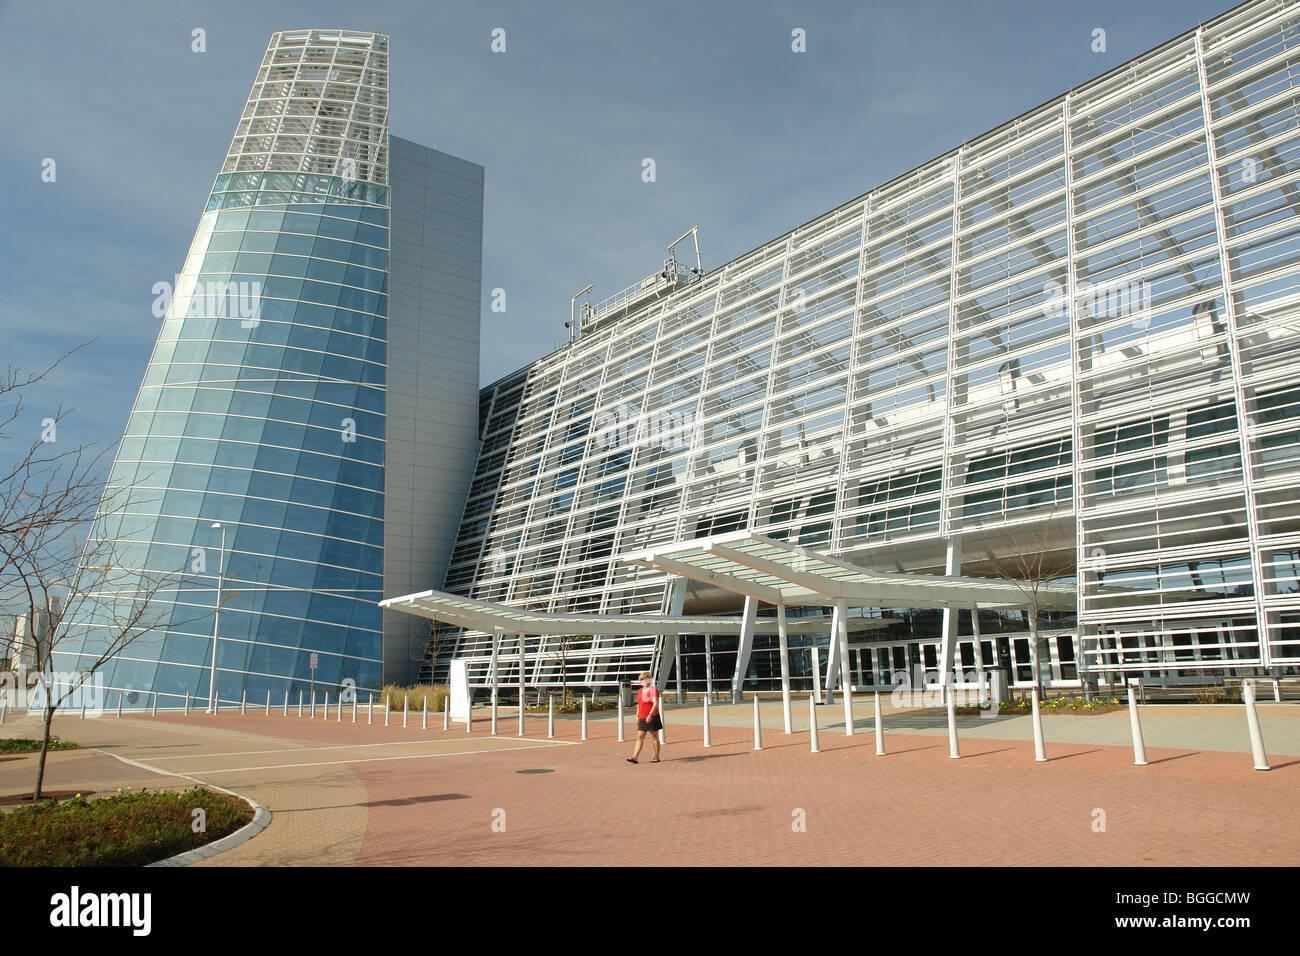 Virginia Beach Convention Center Stock Photos Virginia Beach - Car show at virginia beach convention center